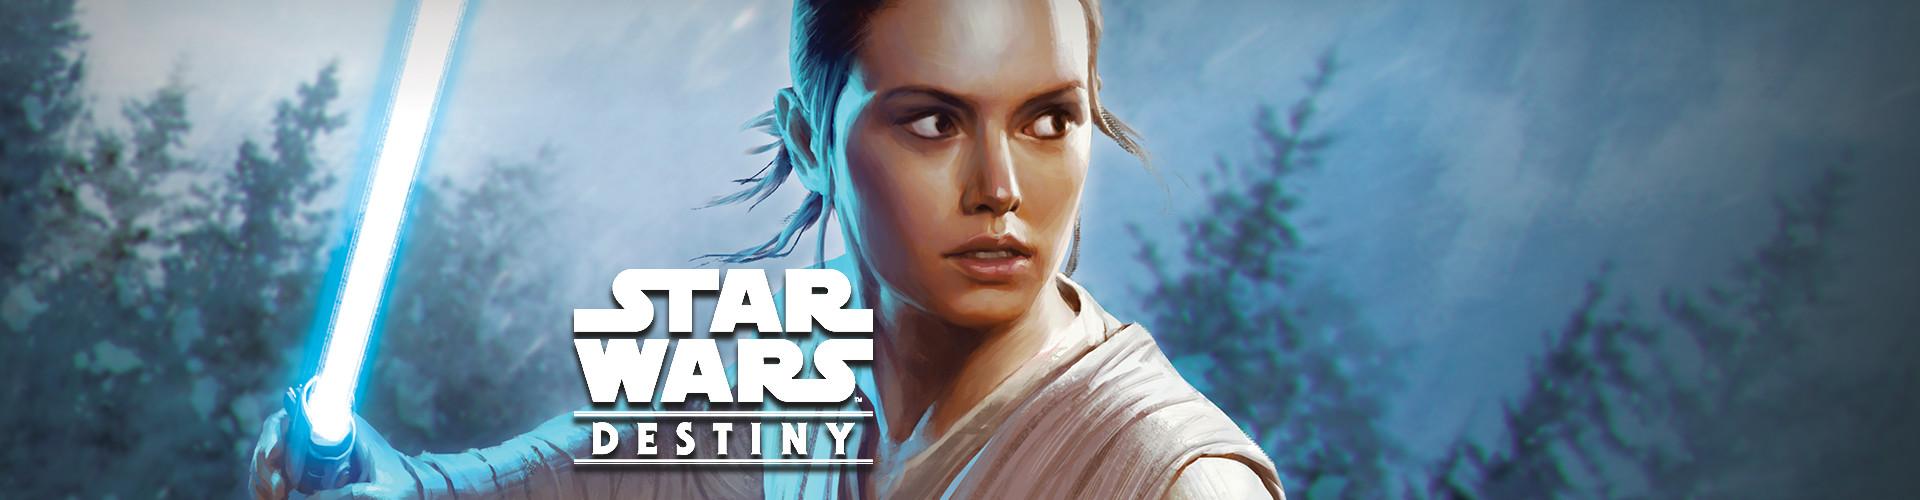 DEMO 16 star wars infinity - Demospiele: STAR WARS DESTINY